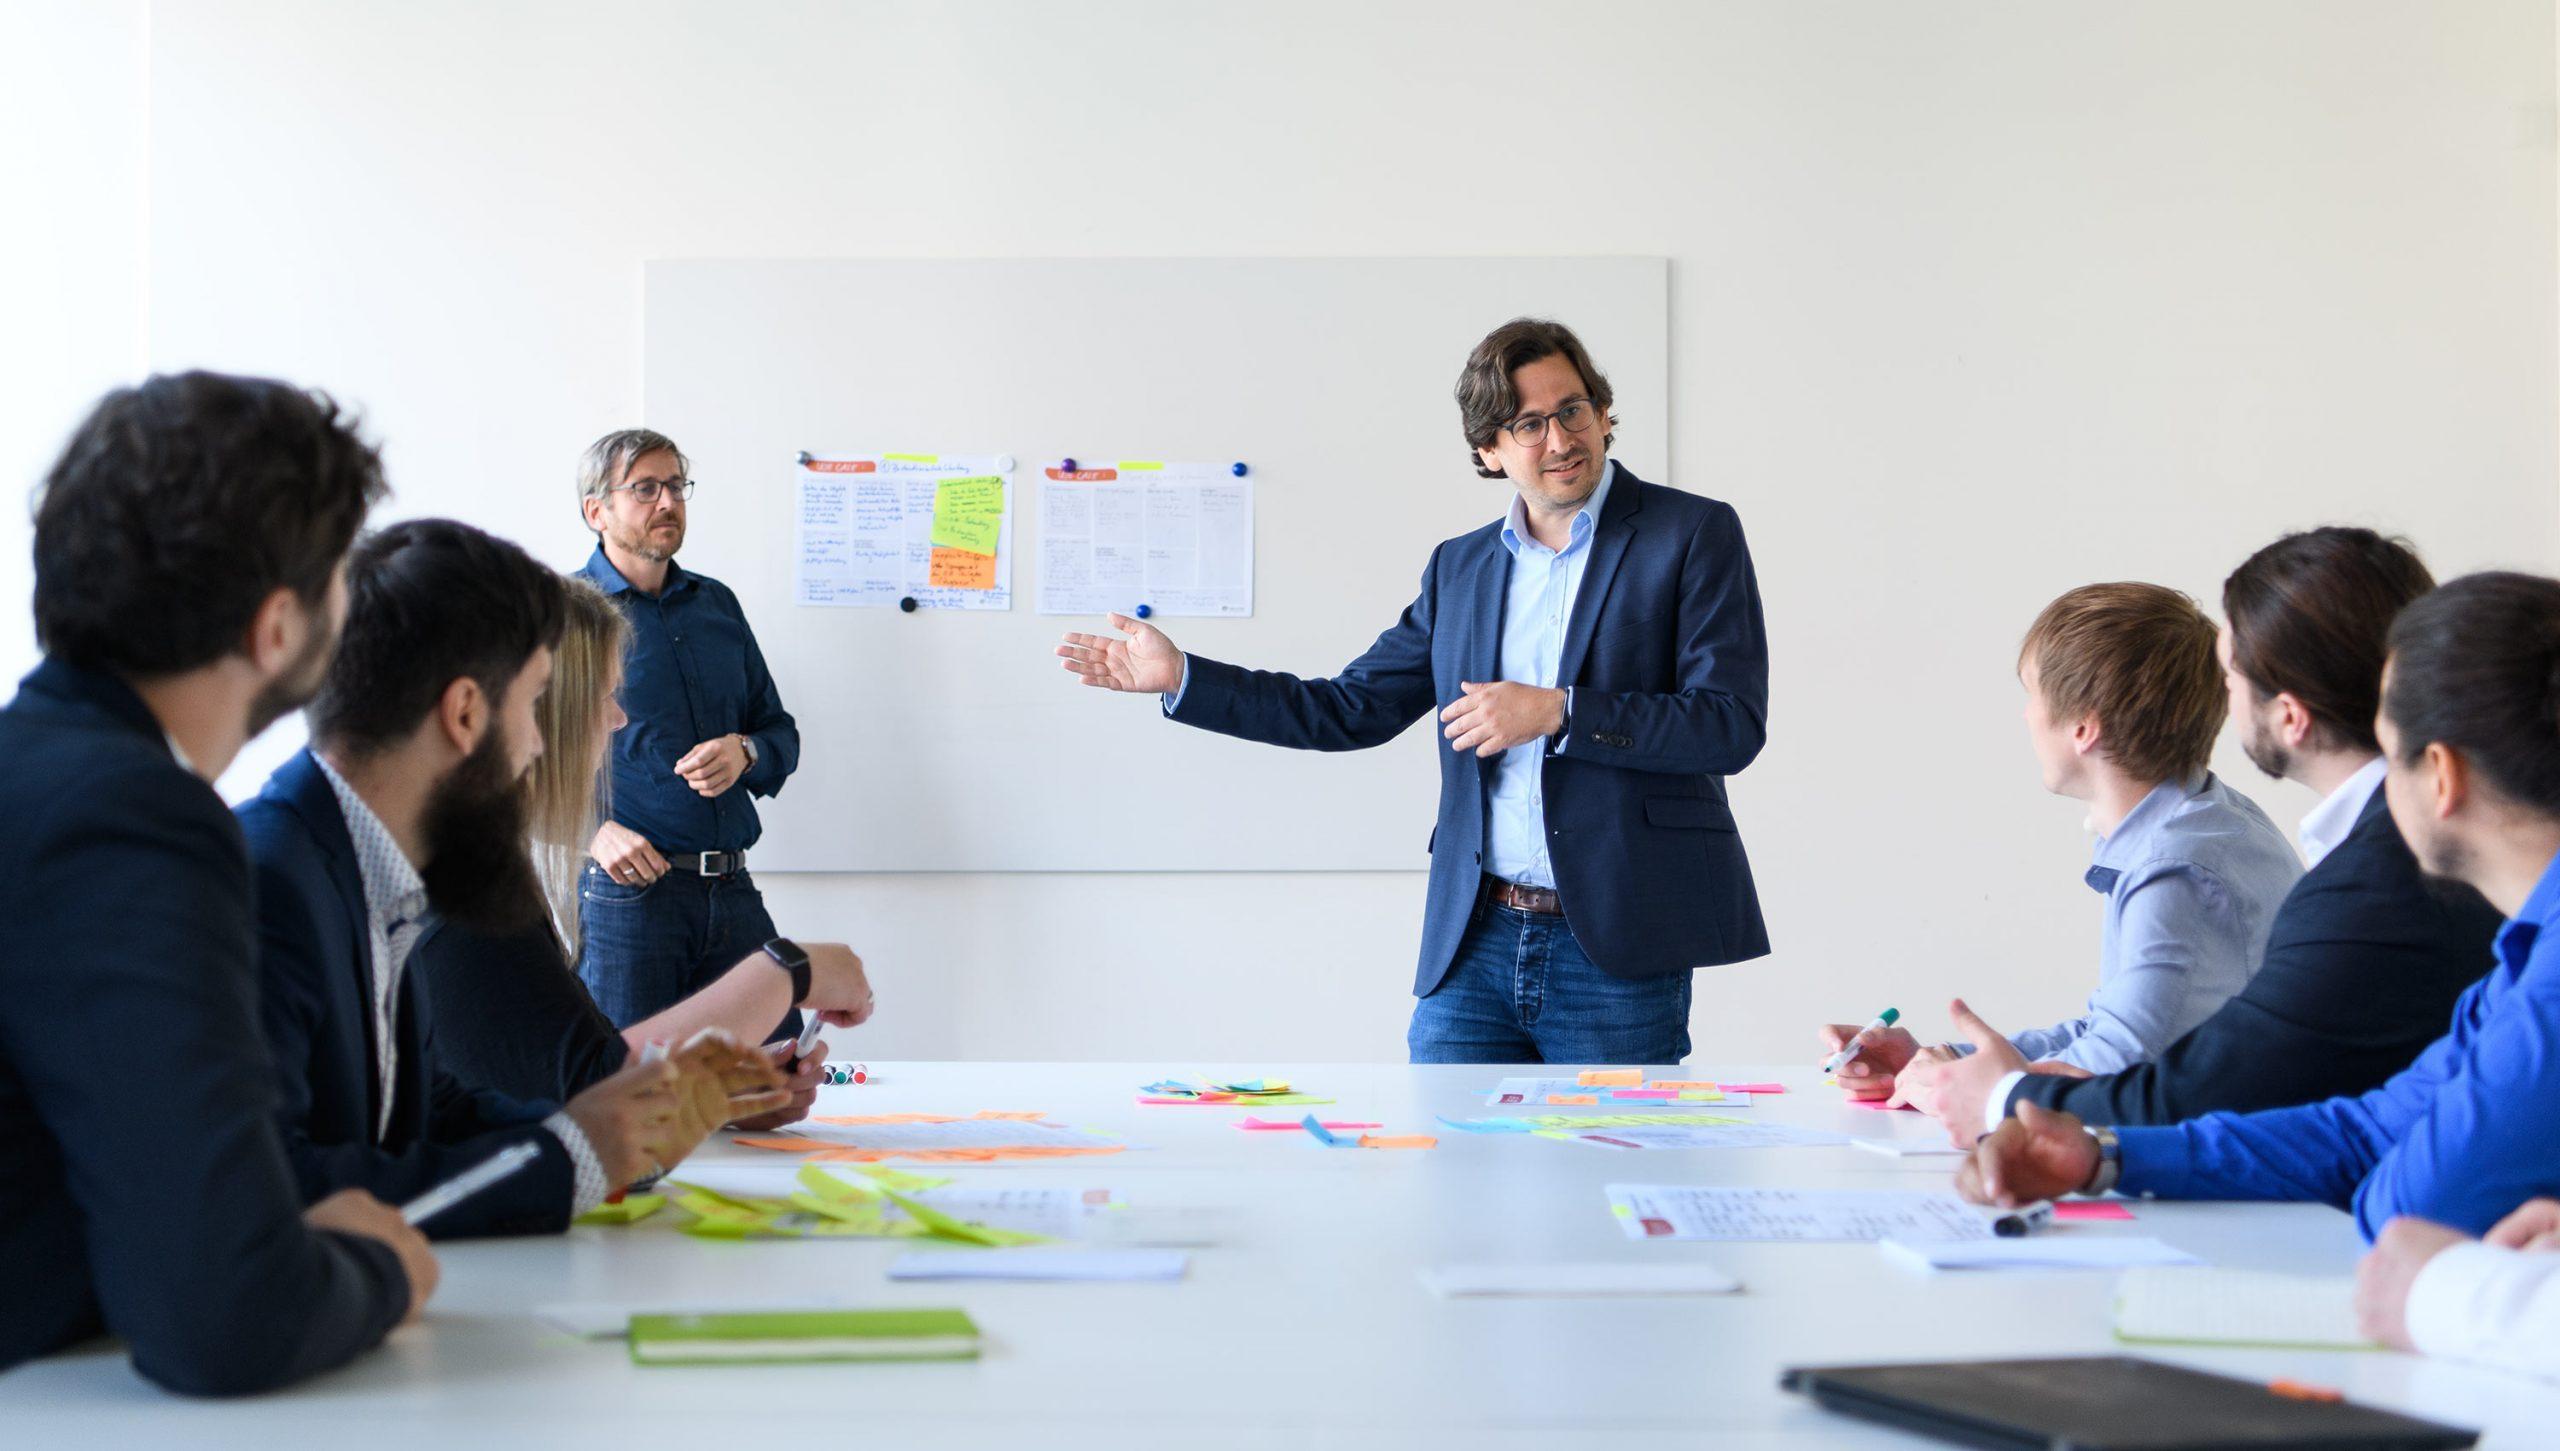 eoda Data Consultant erklärt etwas vor Gruppe